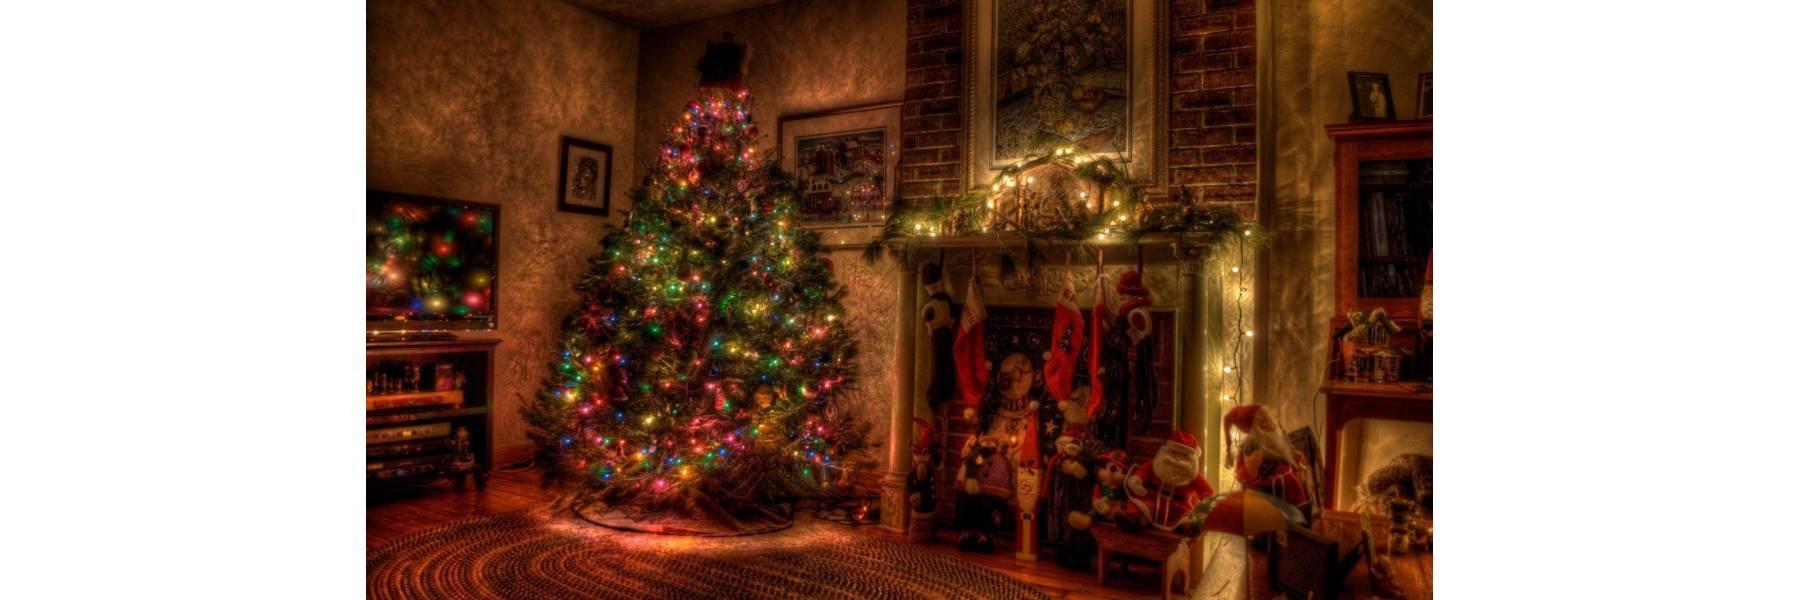 Καλά Χριστούγεννα και Ευτυχισμένο το Νέο Έτος !